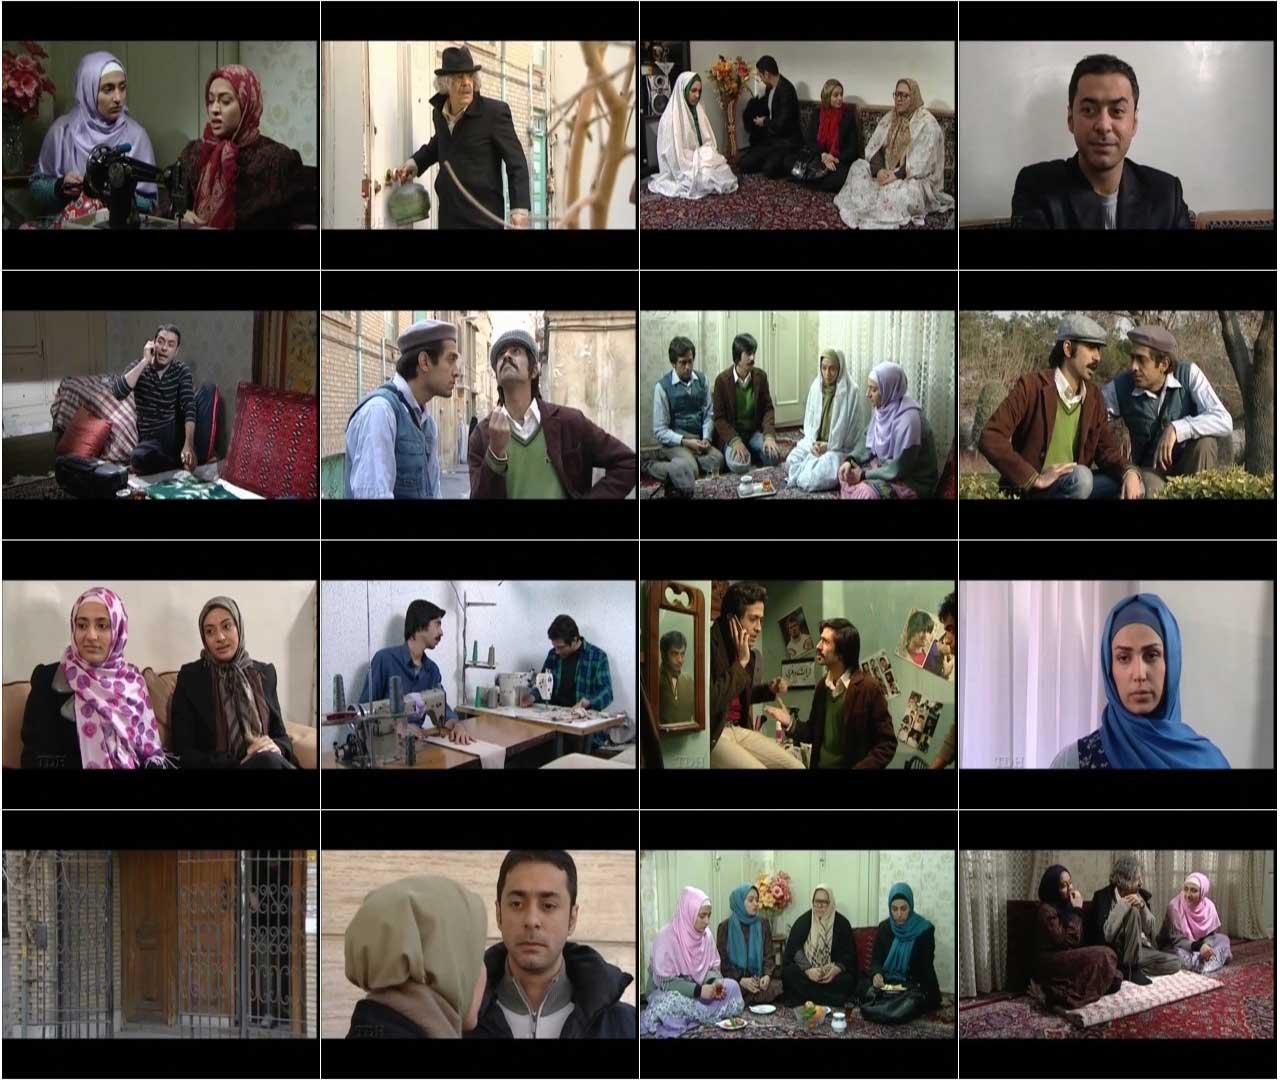 دانلود فیلم من ناصر حجازی هستم با لینک مستقیم و رایگان